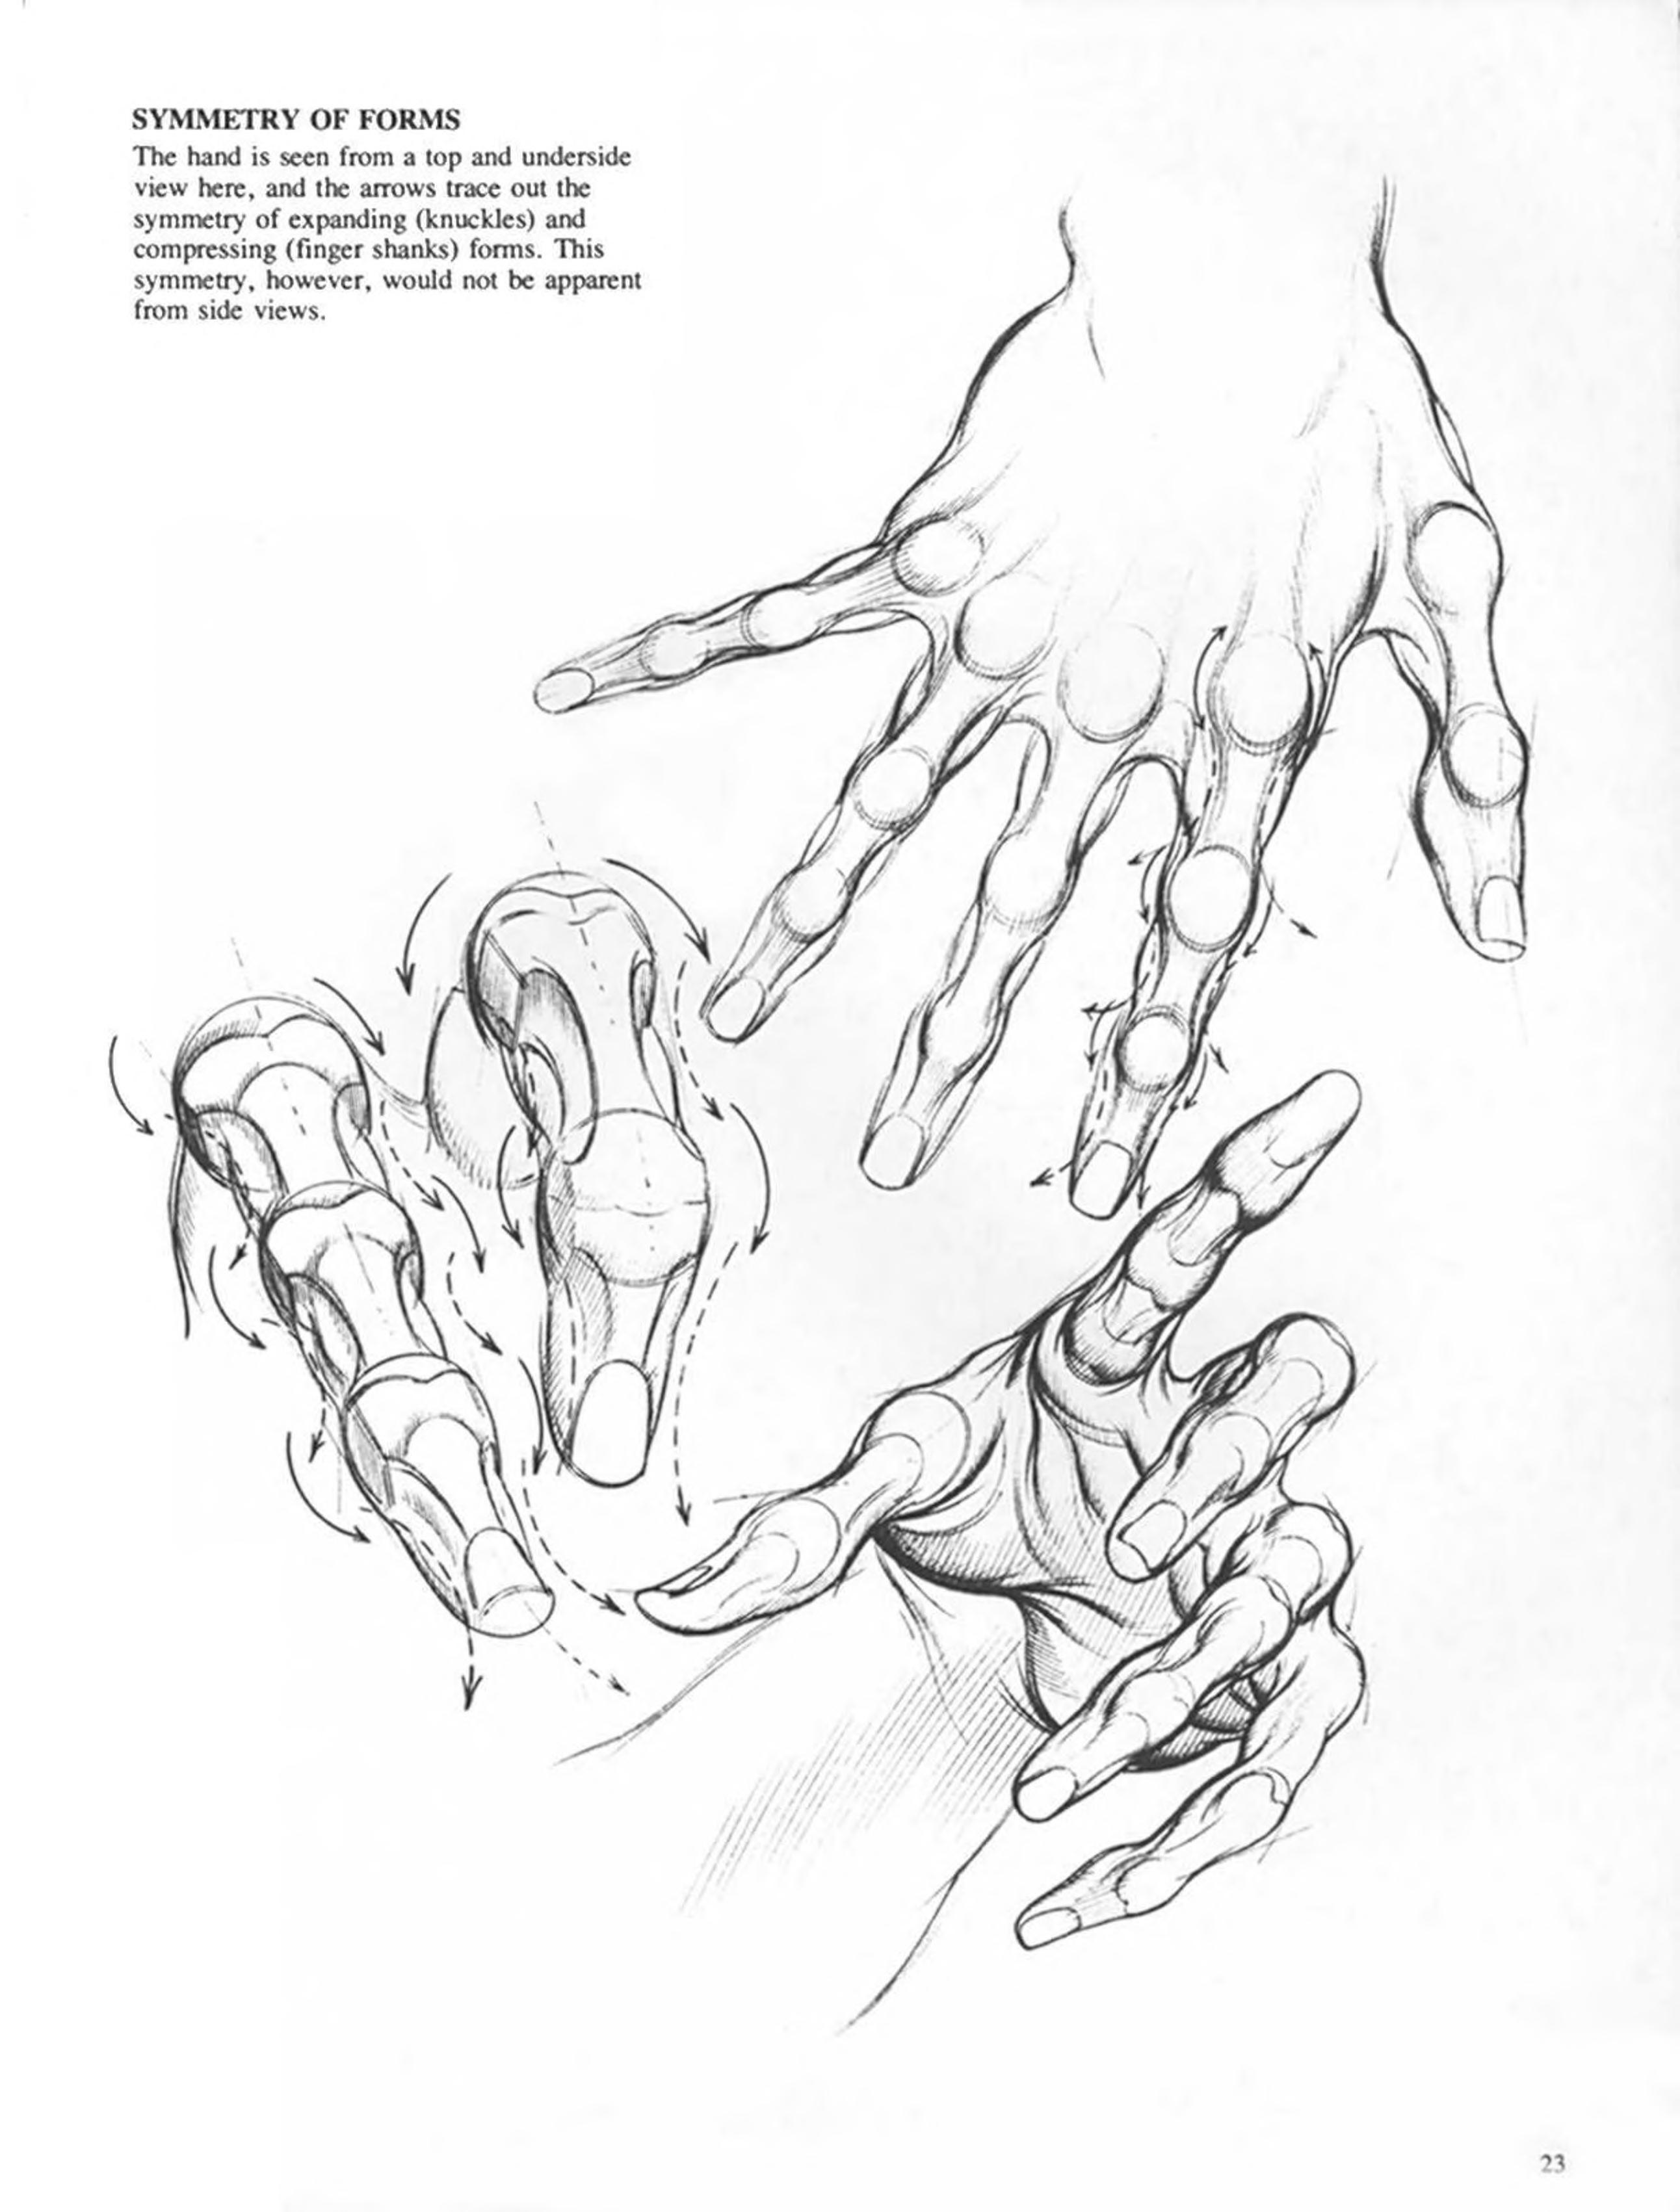 Burne Hogarth Drawing Dynamic Hands By Burne Hogarth Publication